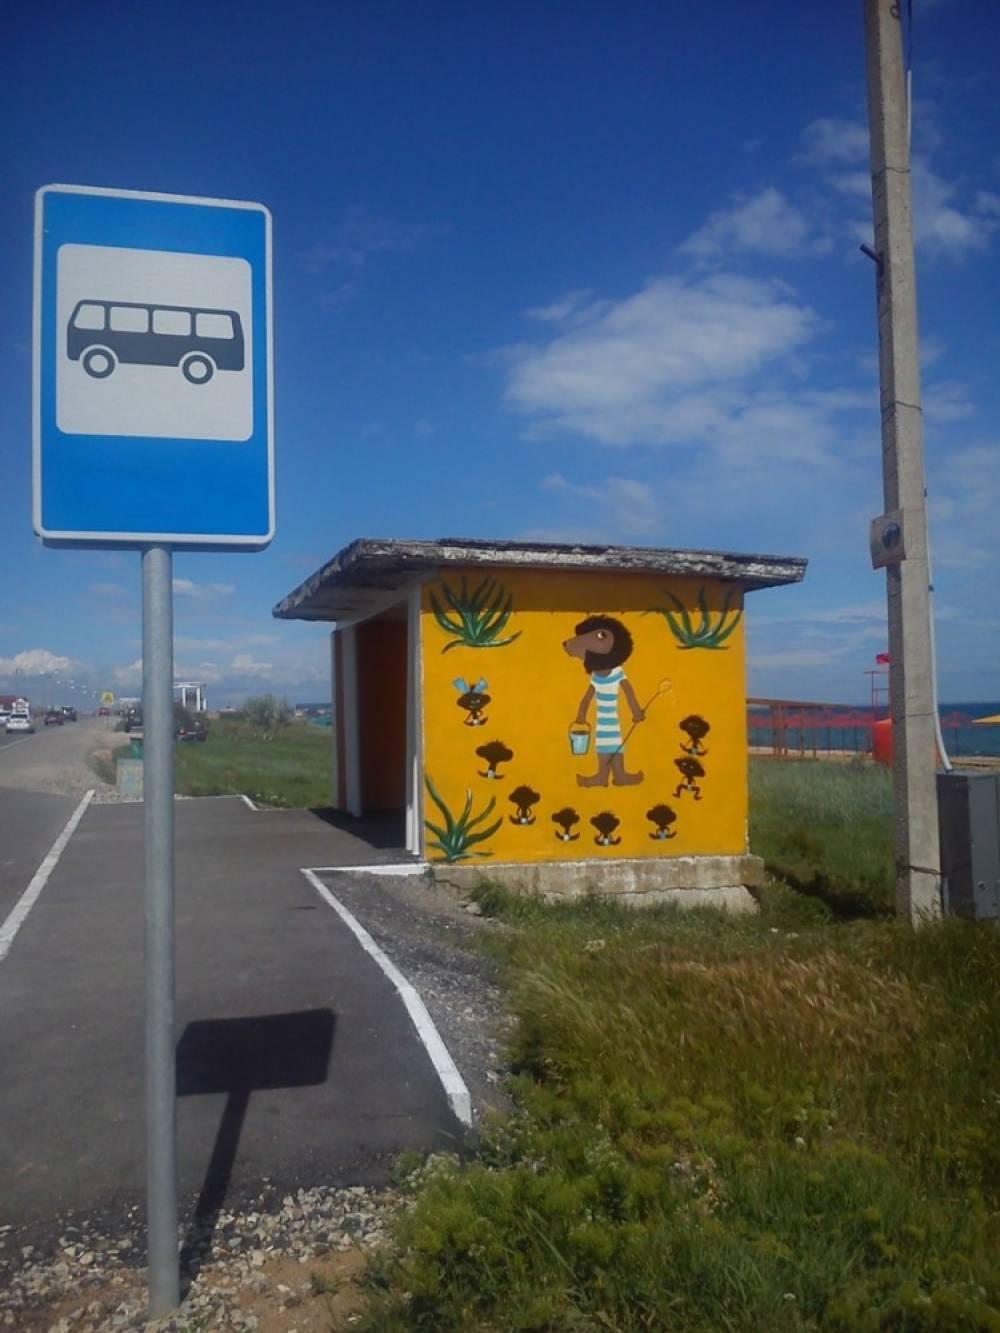 Предприниматели отремонтировали остановки в селе под Феодосией